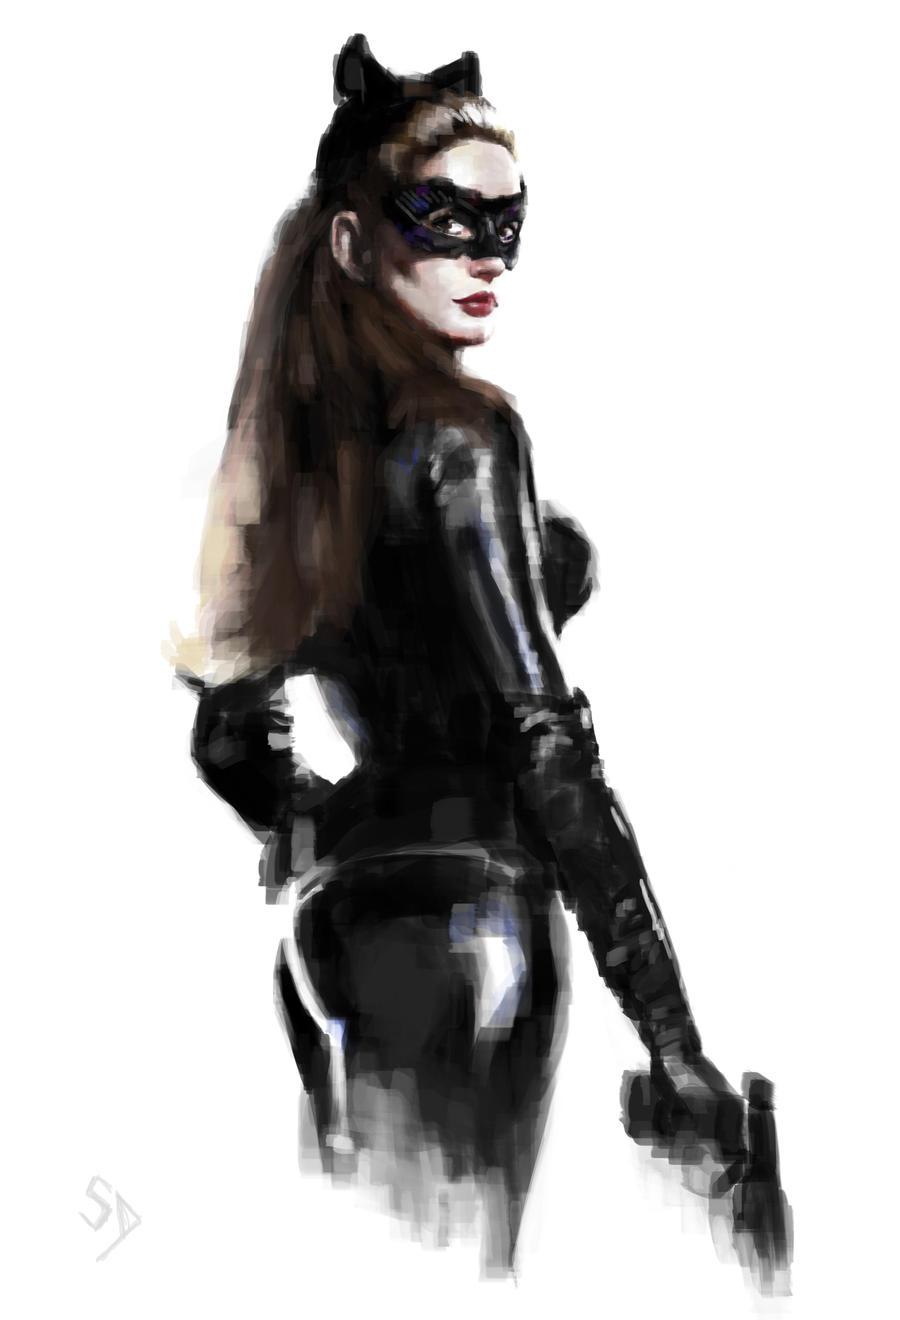 sue catwoman 2018 - HD900×1320